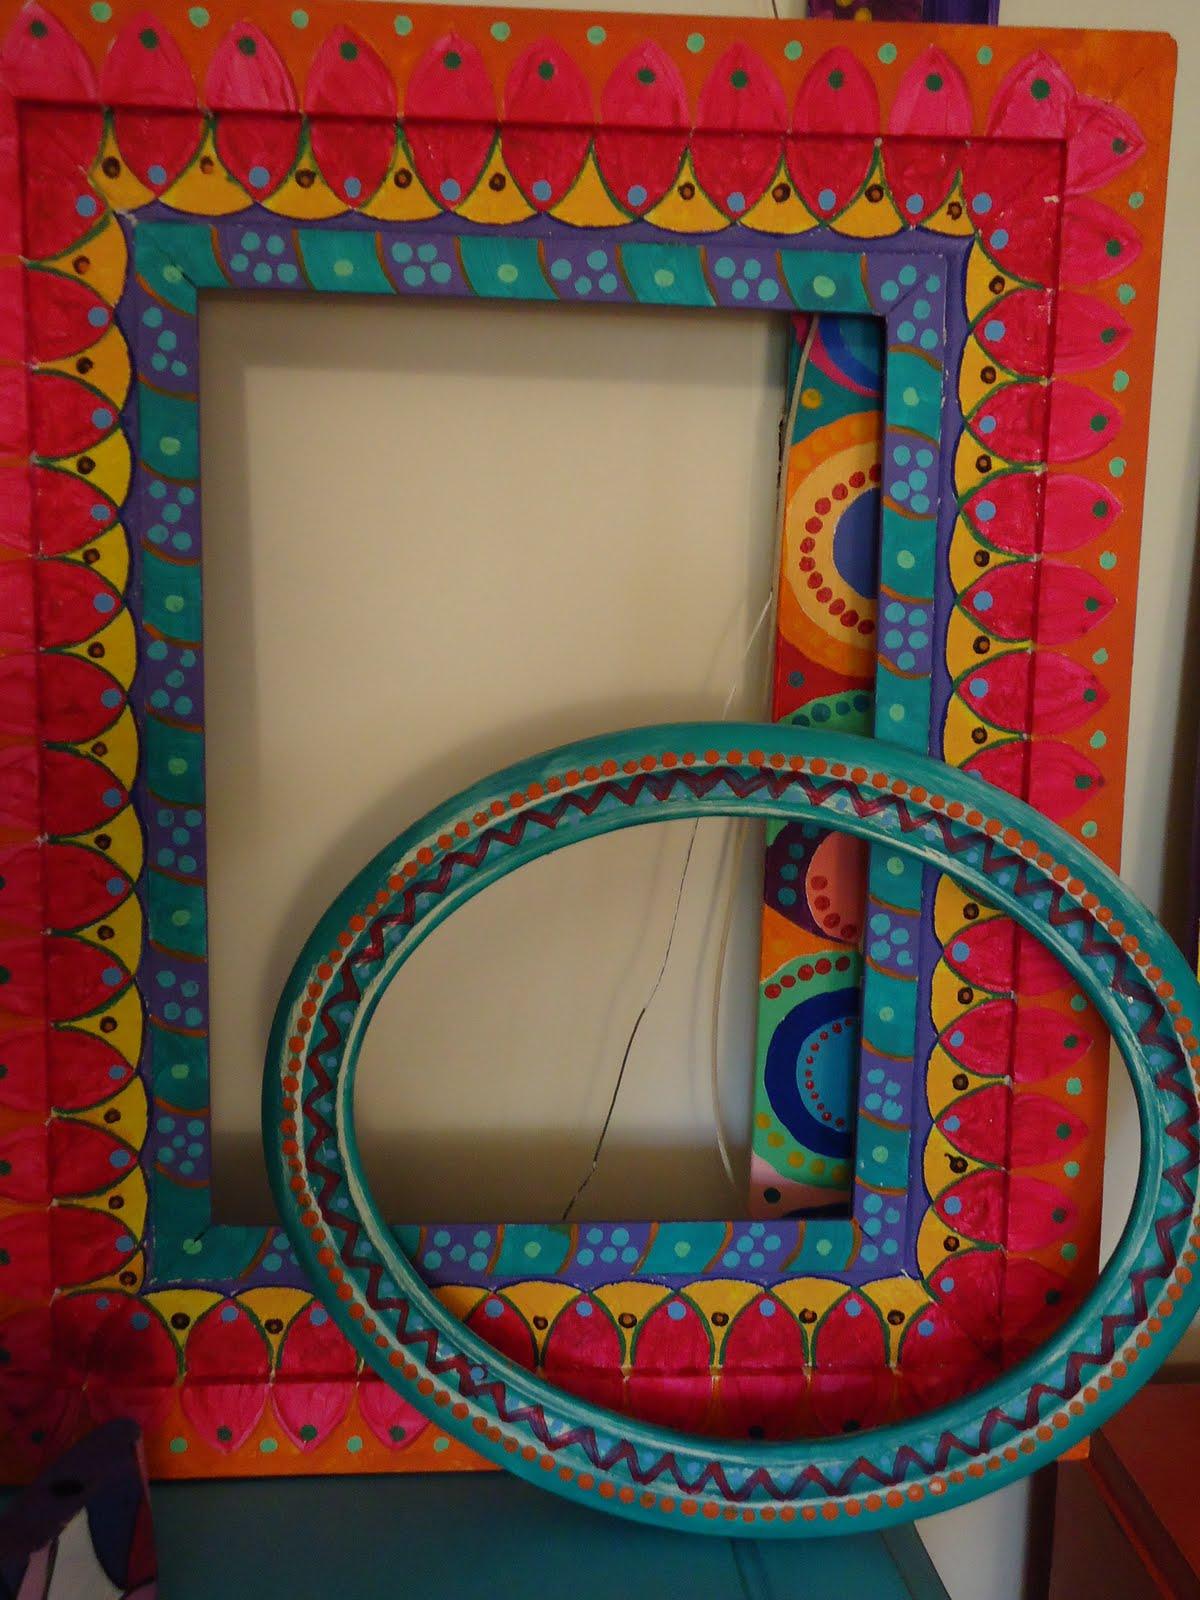 Vintouch muebles reciclados pintados a mano marcos Muebles antiguos pintados a mano